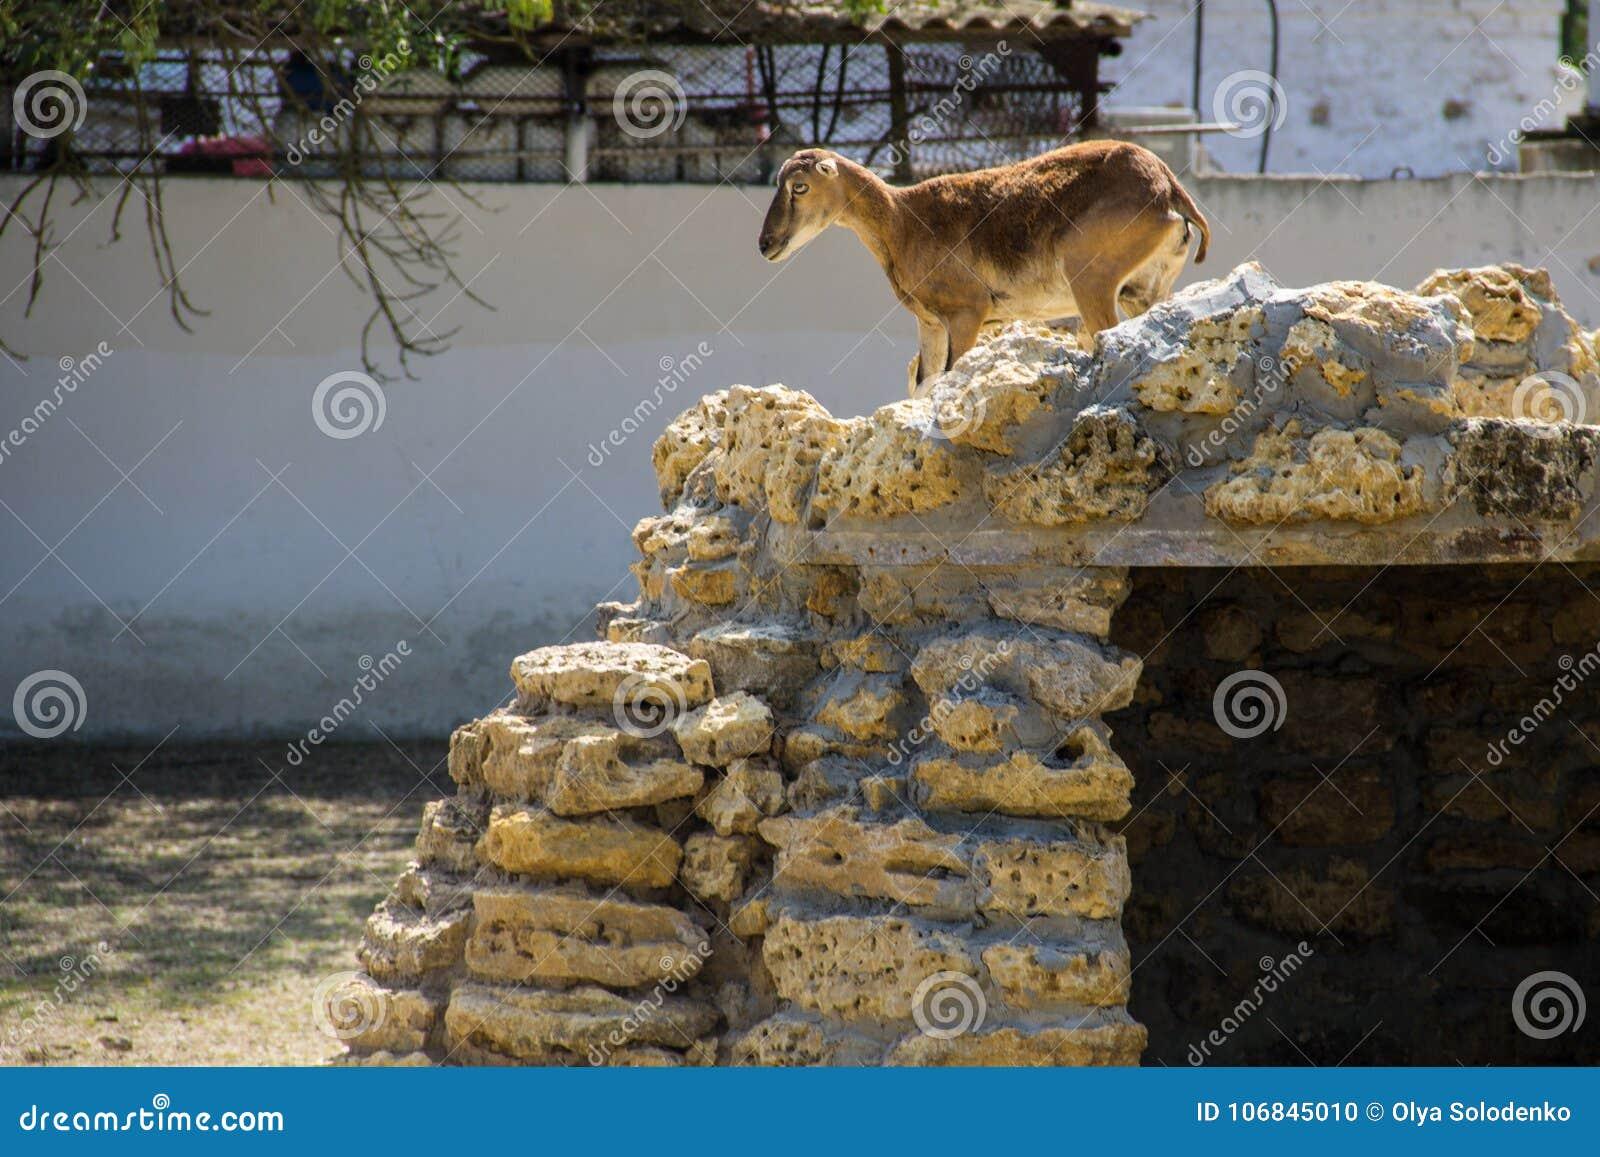 Wijfje van Europese mouflon Ovis musimon